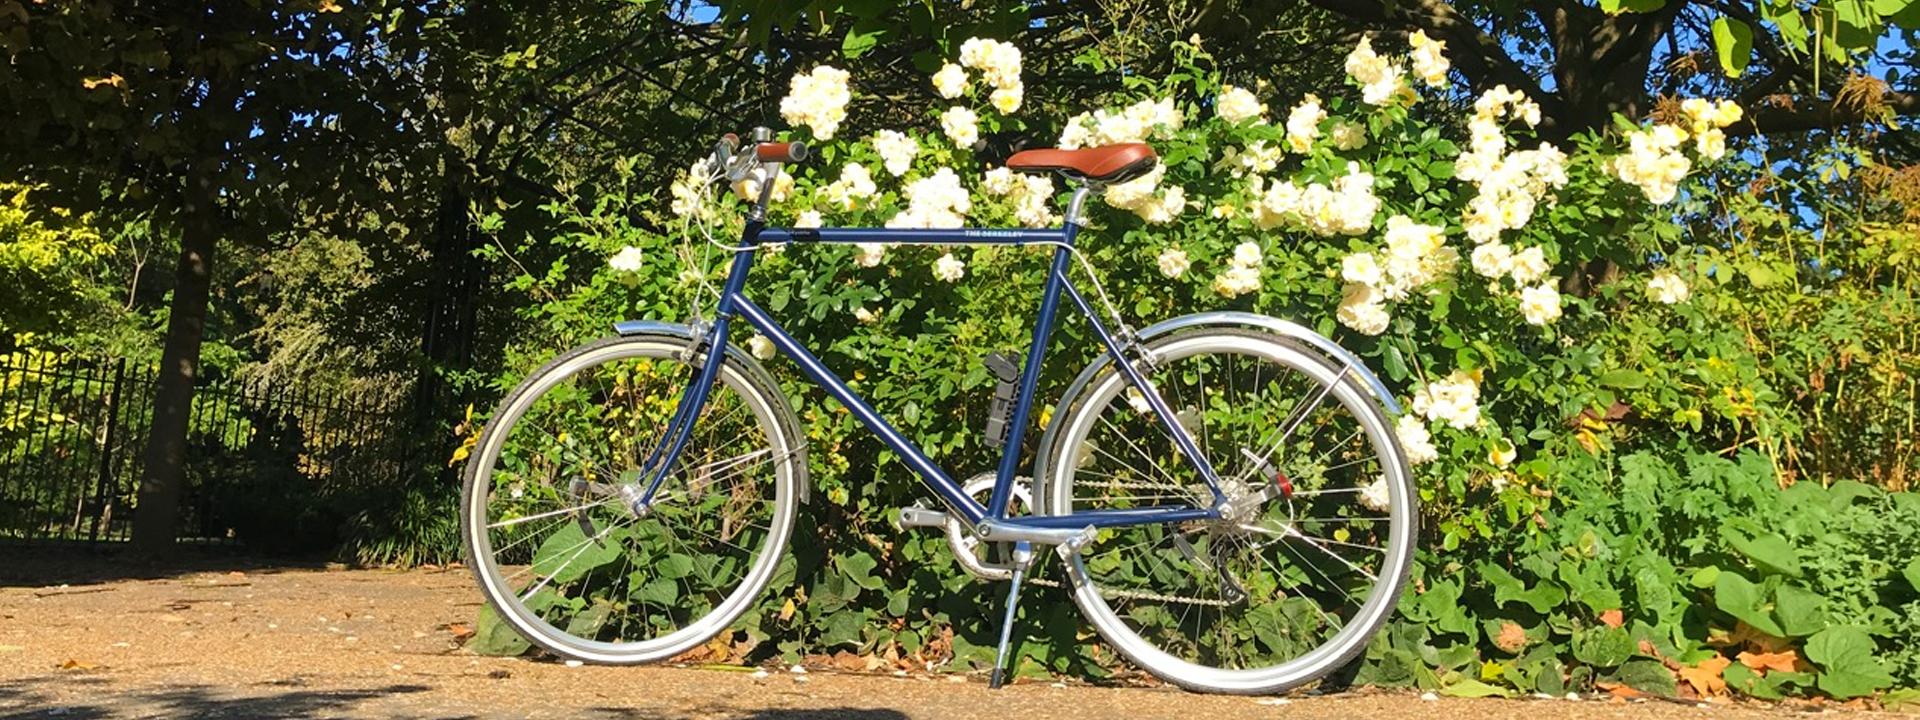 Bike hero 2